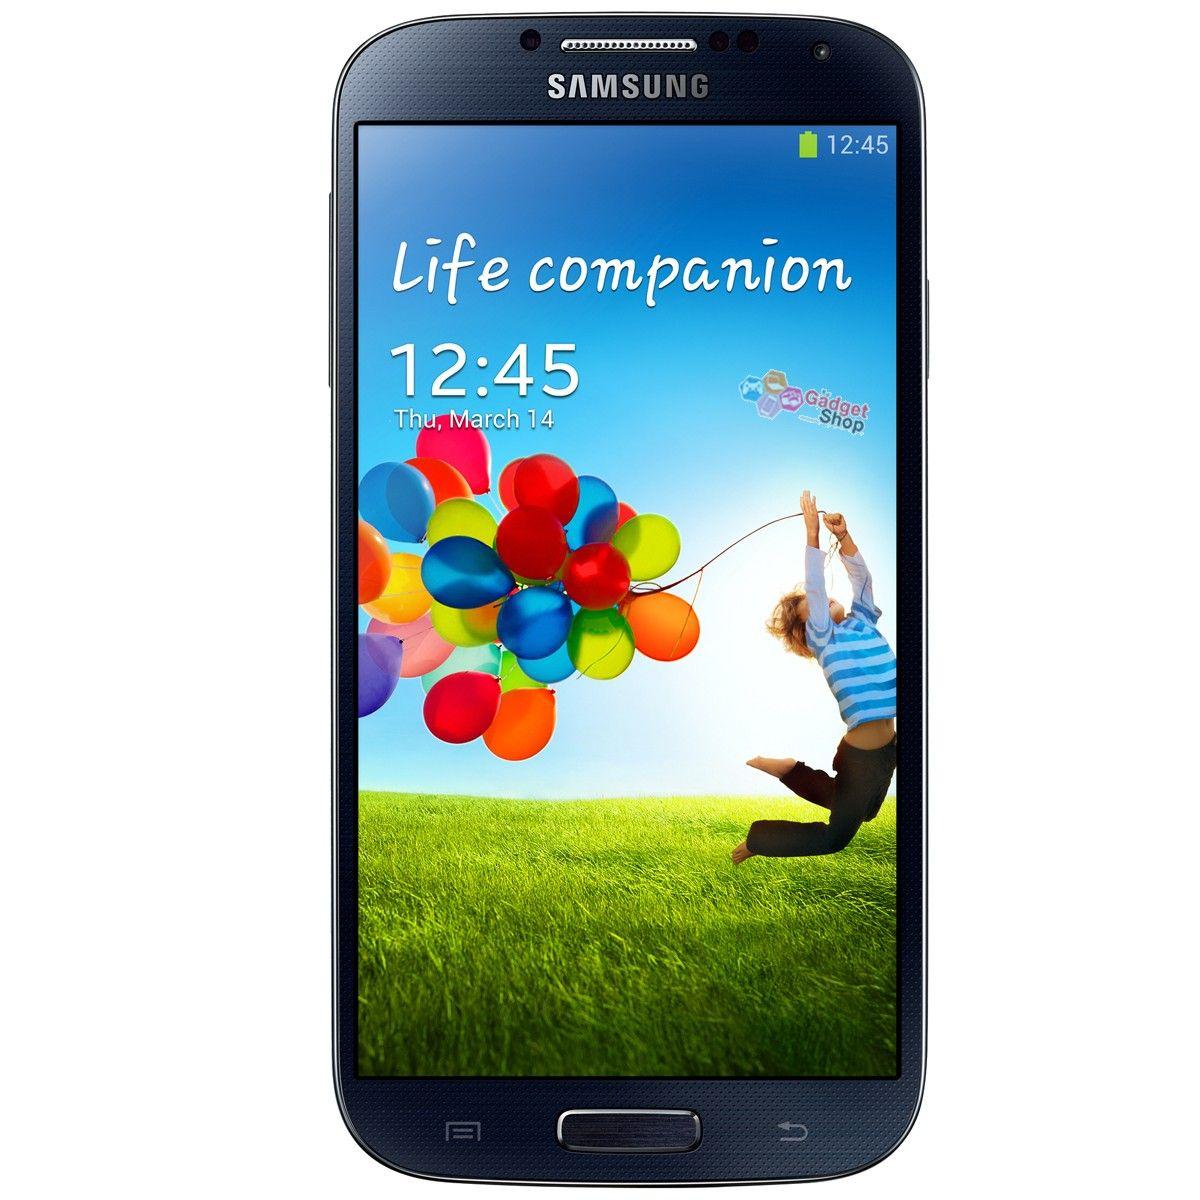 Samsung Galaxy S4 3G